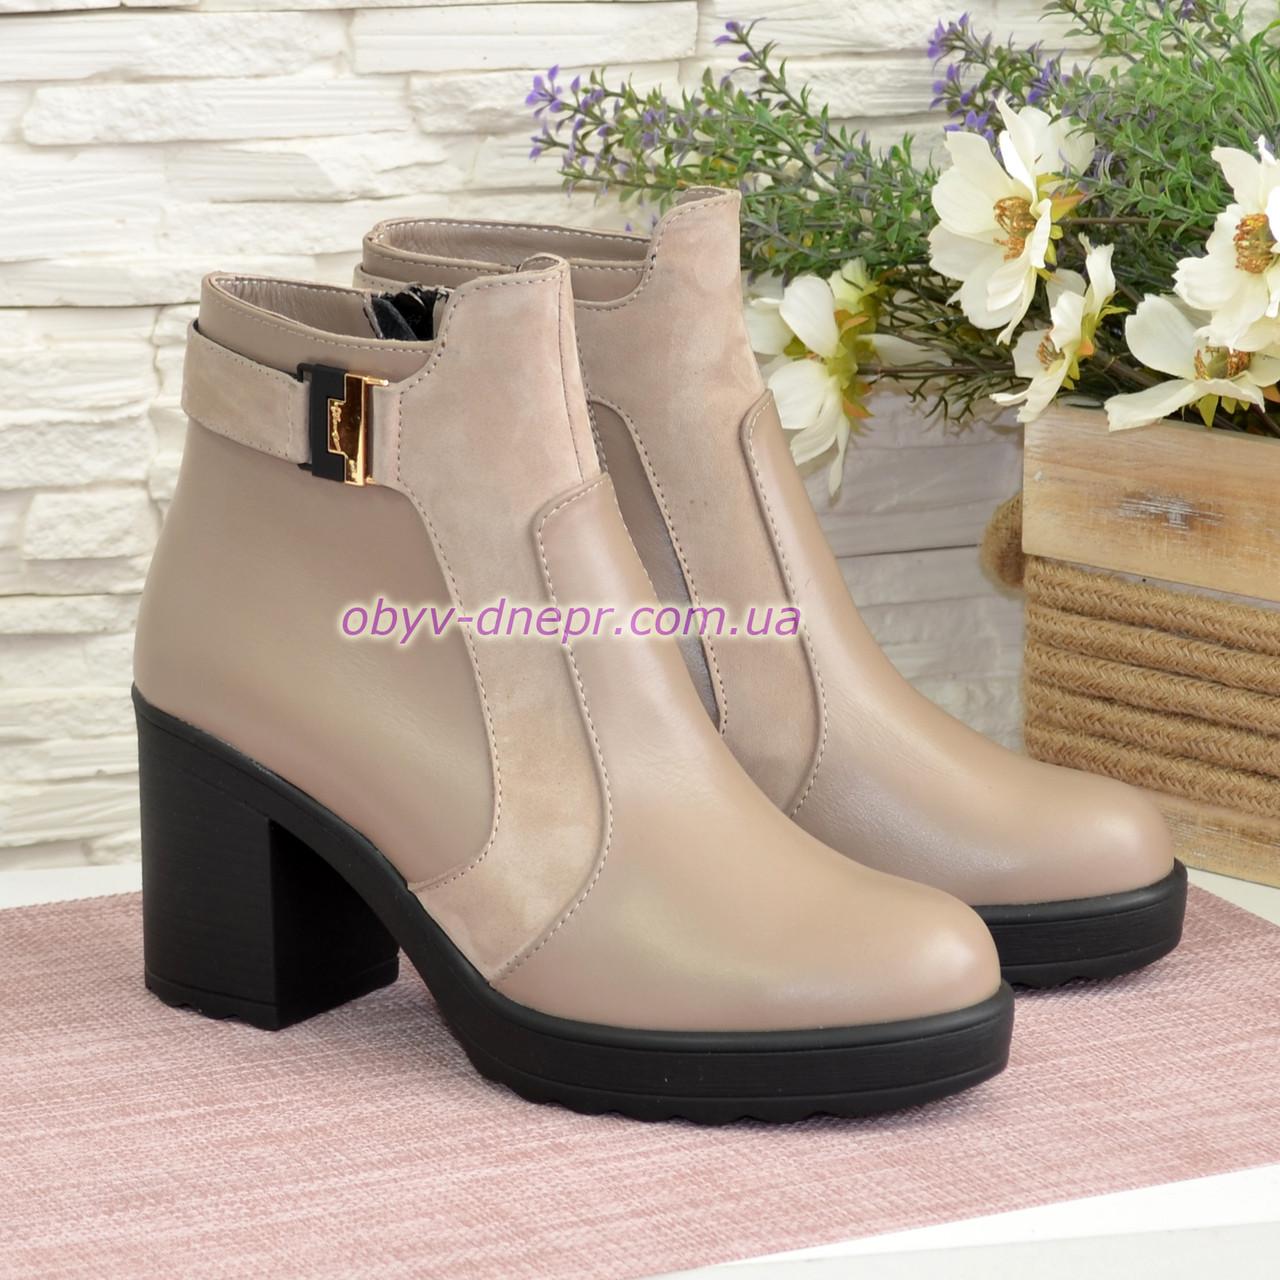 Ботинки женские кожаные на устойчивом каблуке, цвет визон/беж